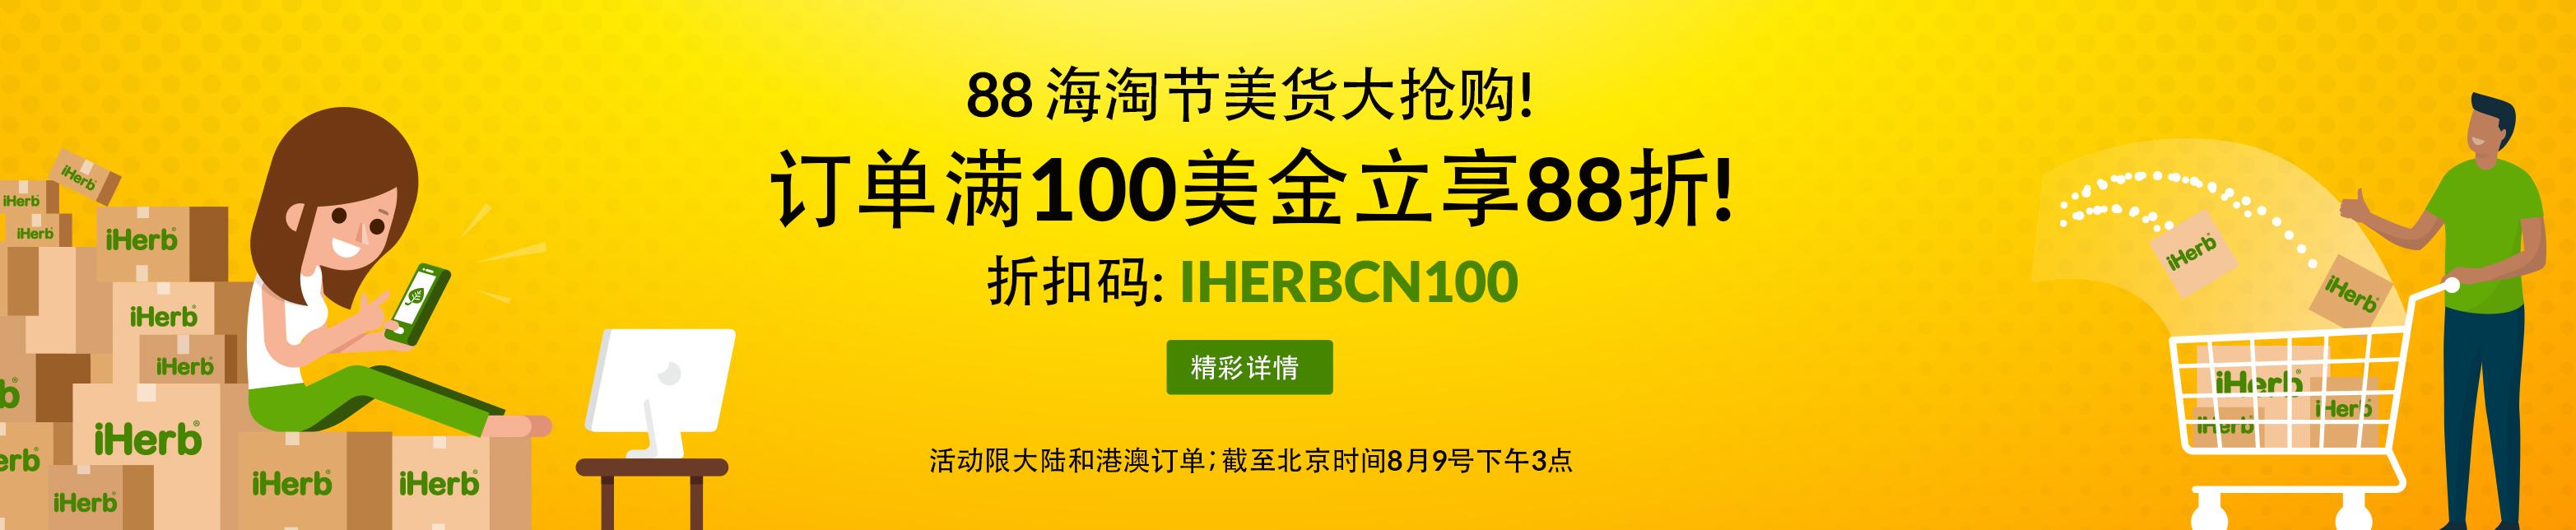 iHerb 88海淘节